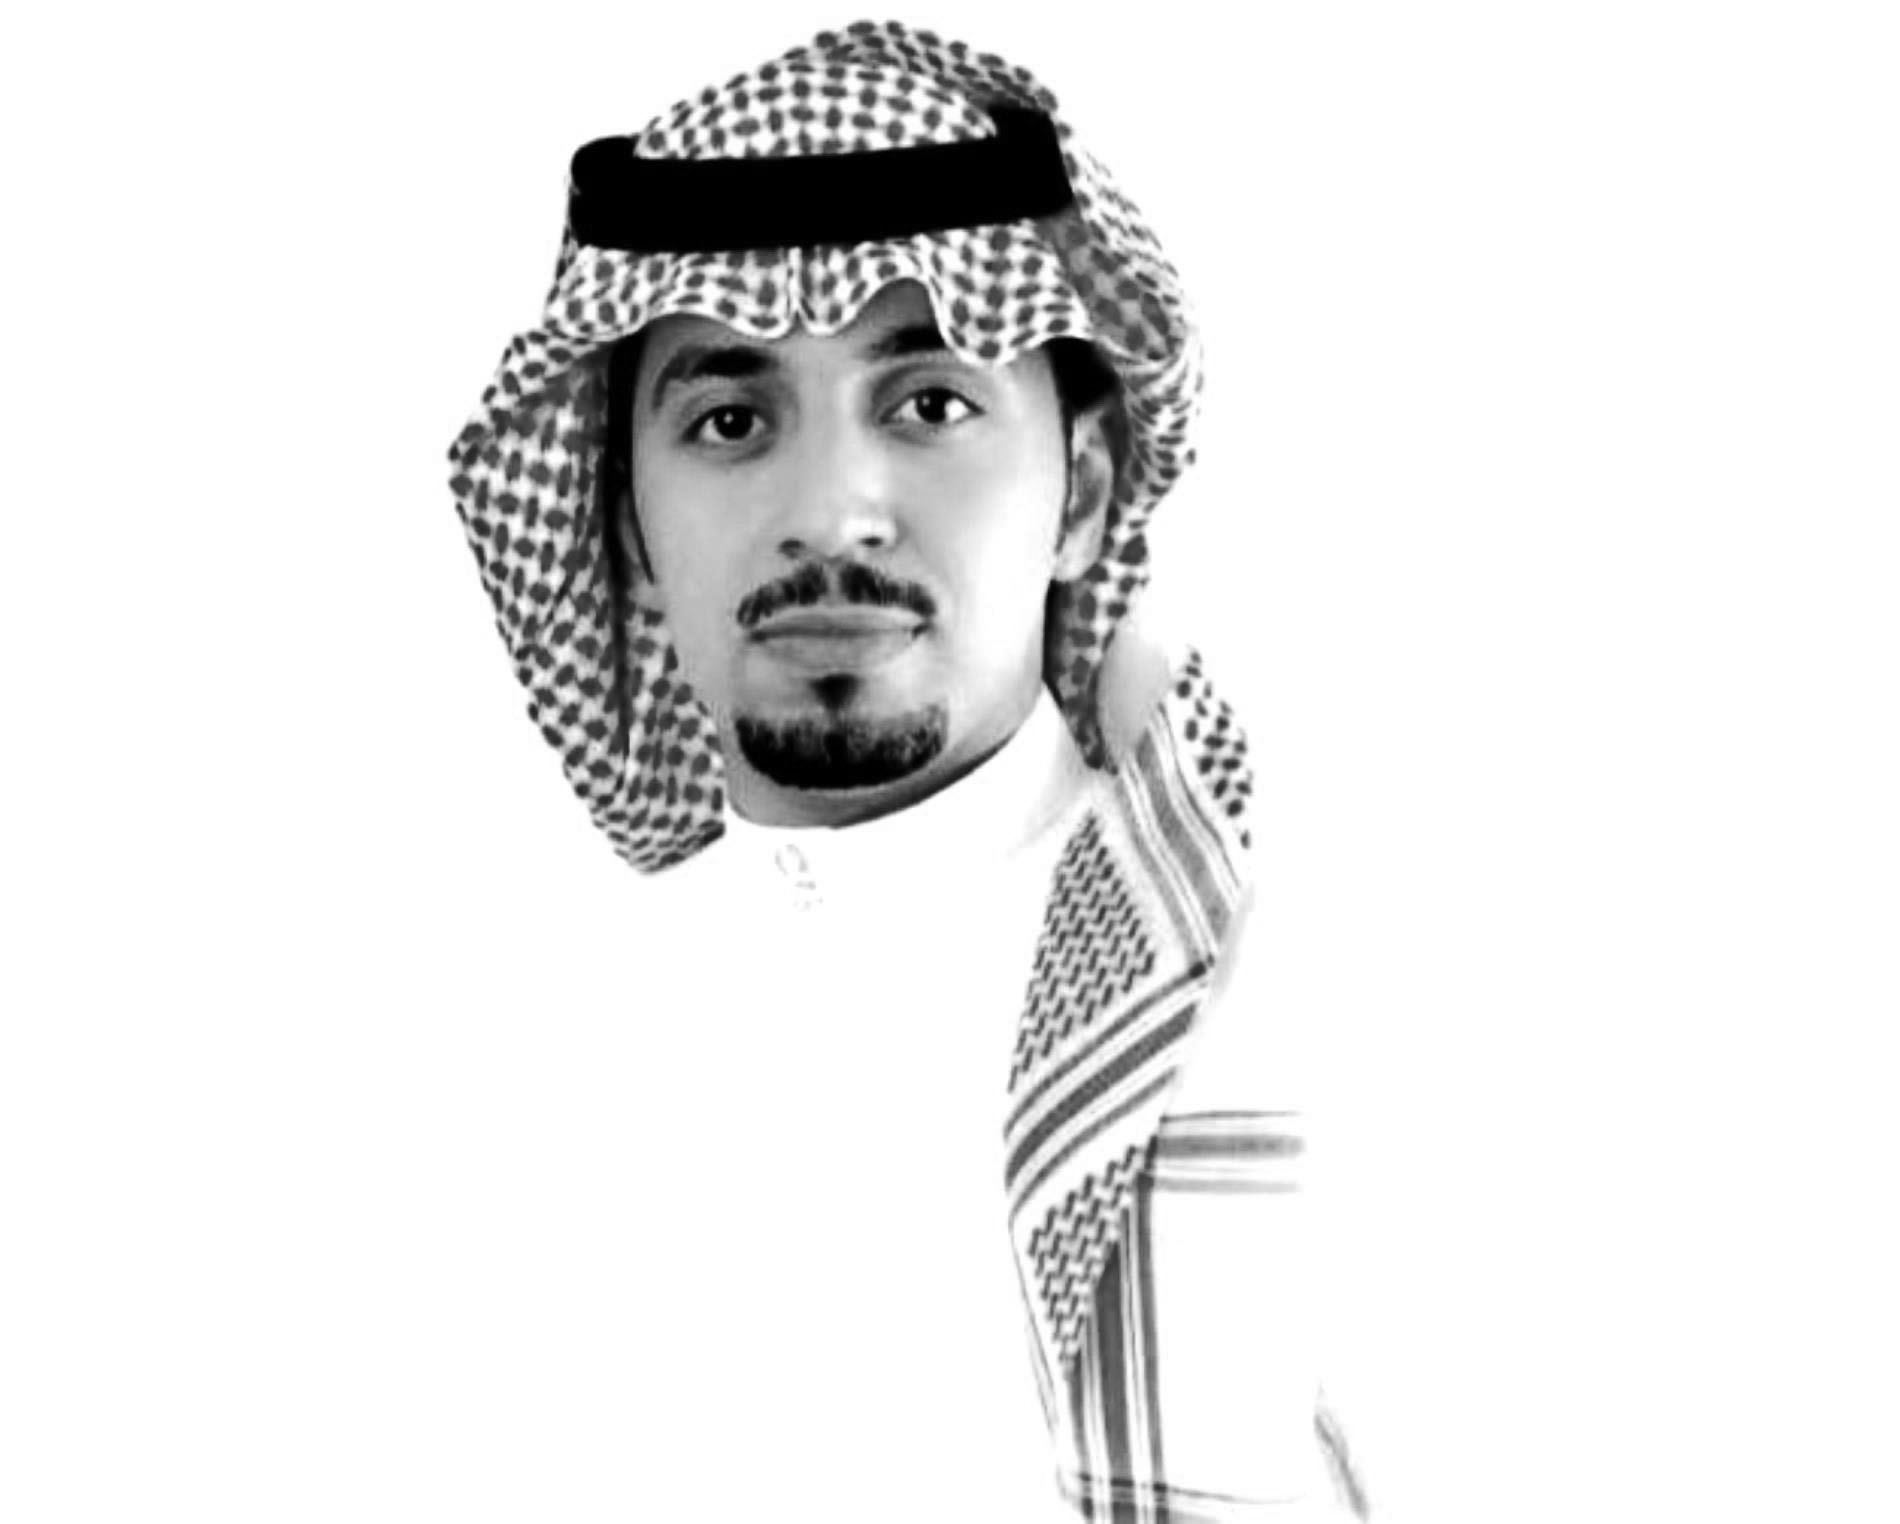 أحمد الزهراني